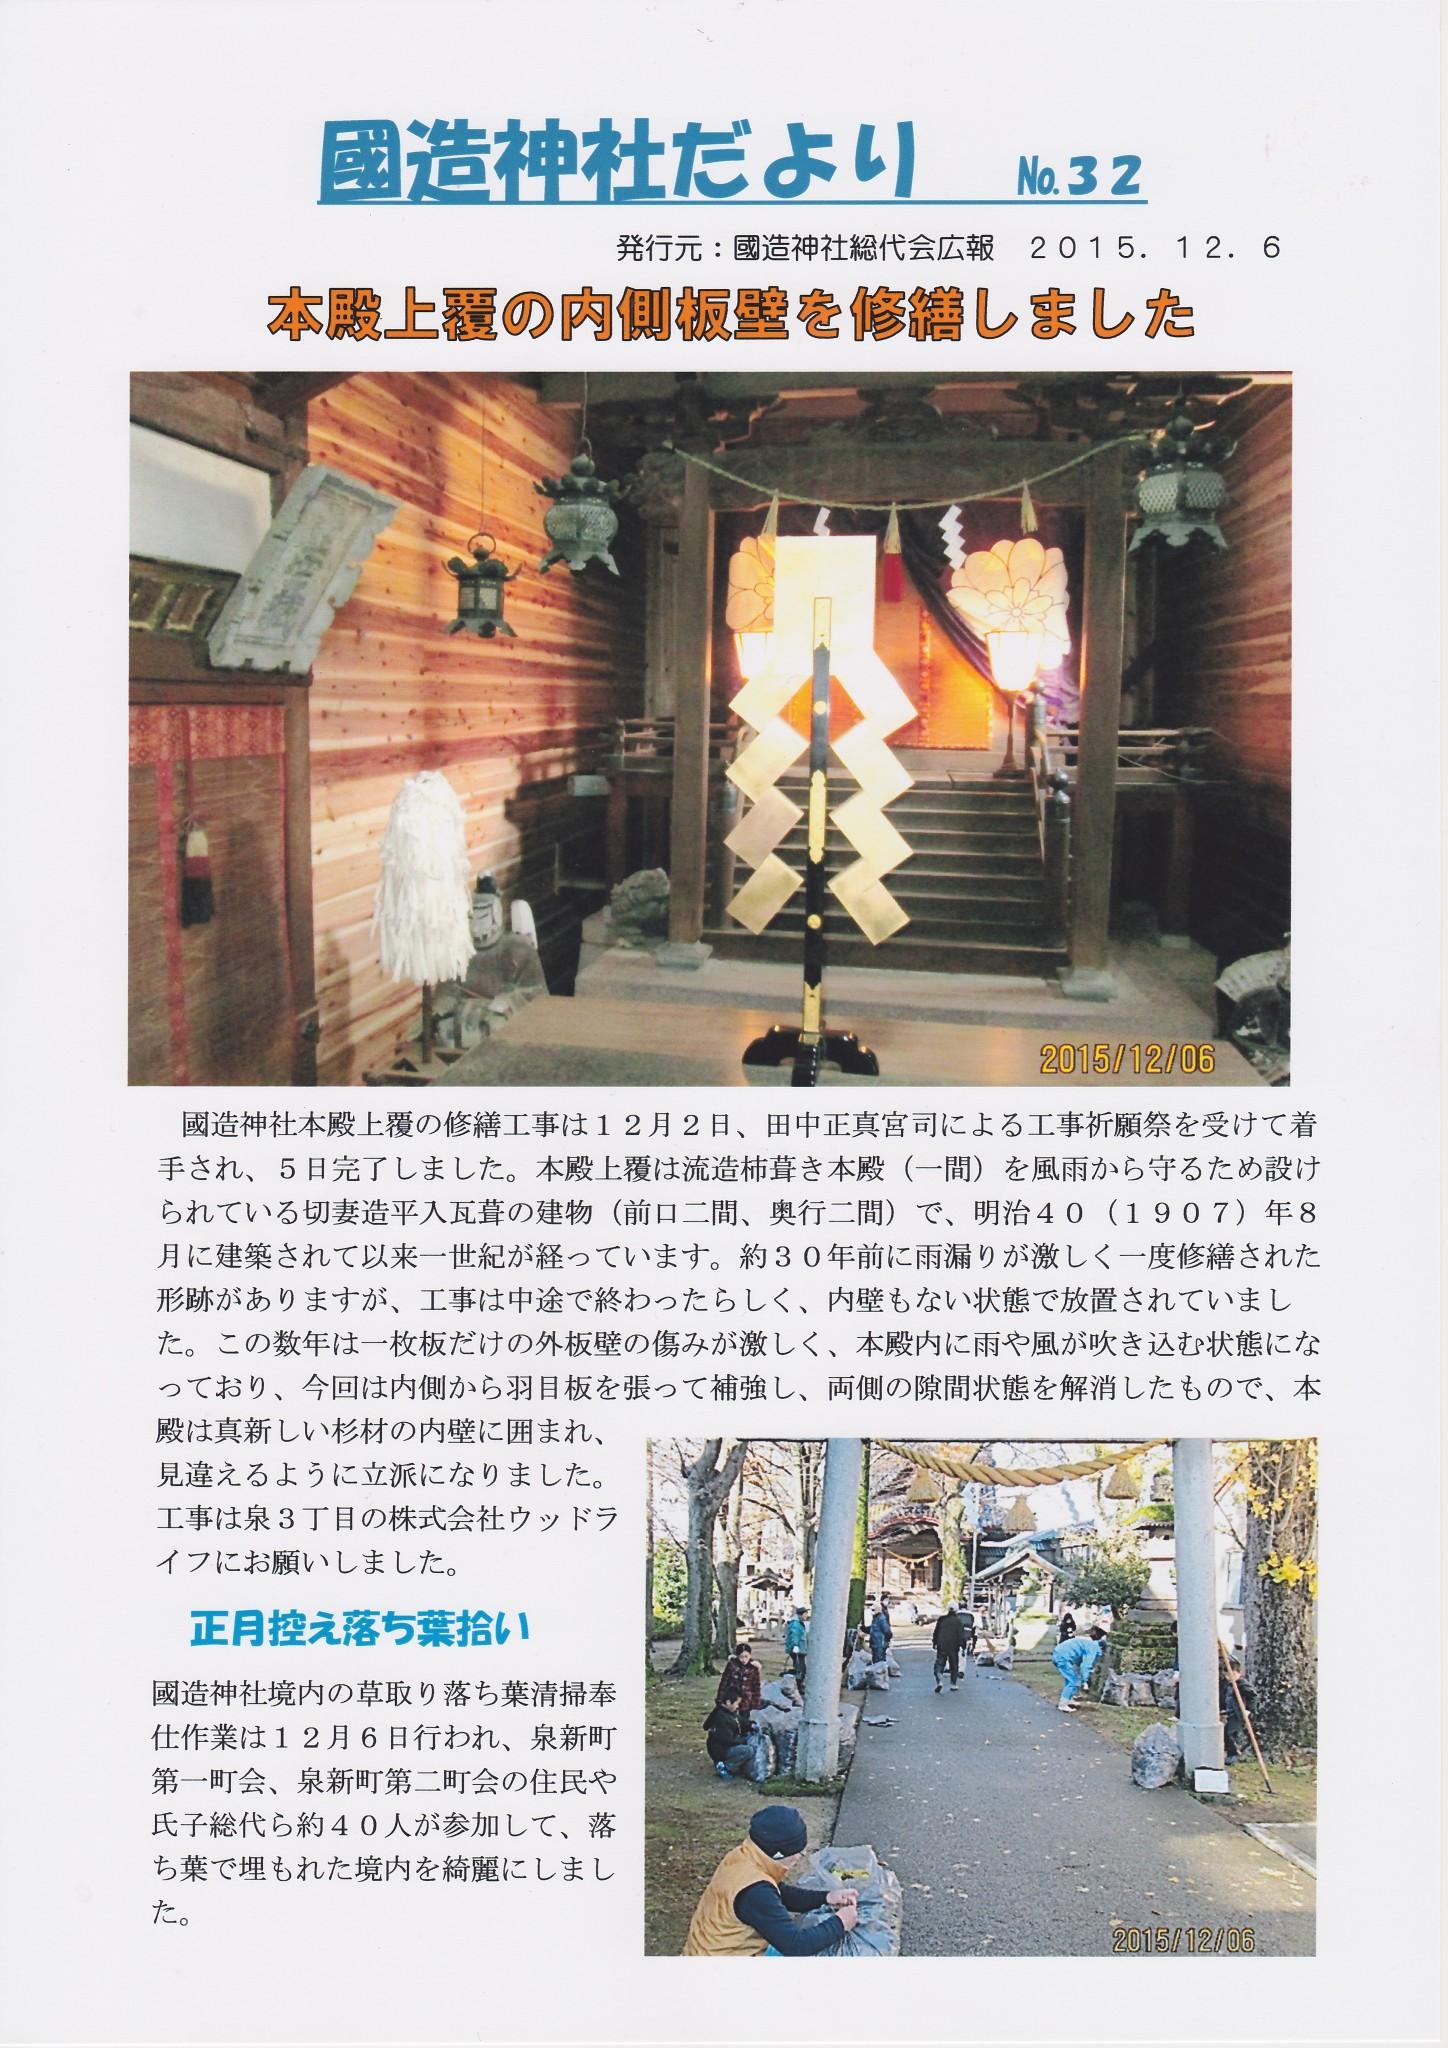 国造雨神社だより No. 32(JPG)